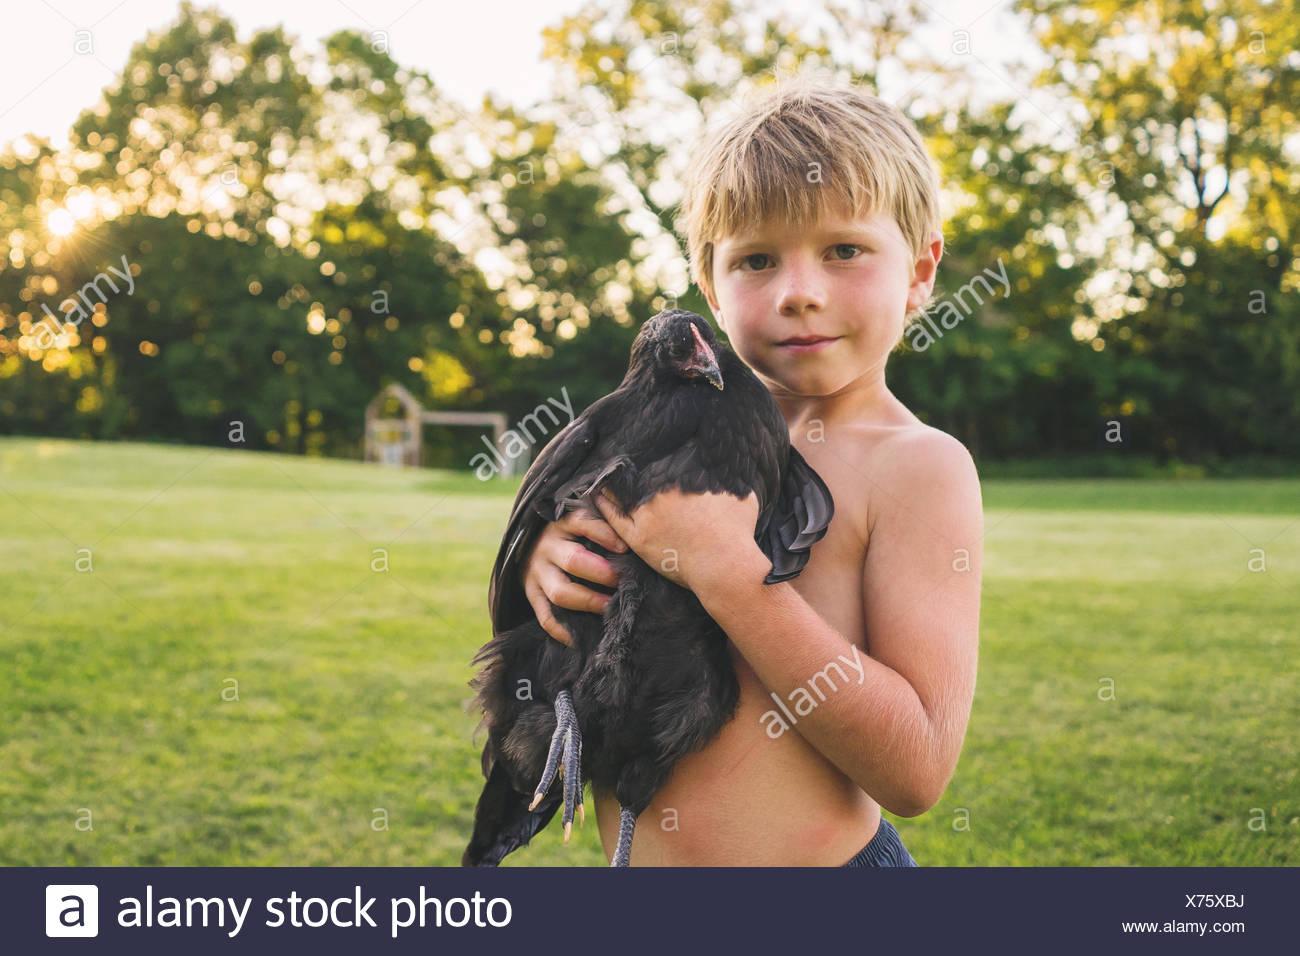 Retrato de un niño sosteniendo q pollo Imagen De Stock